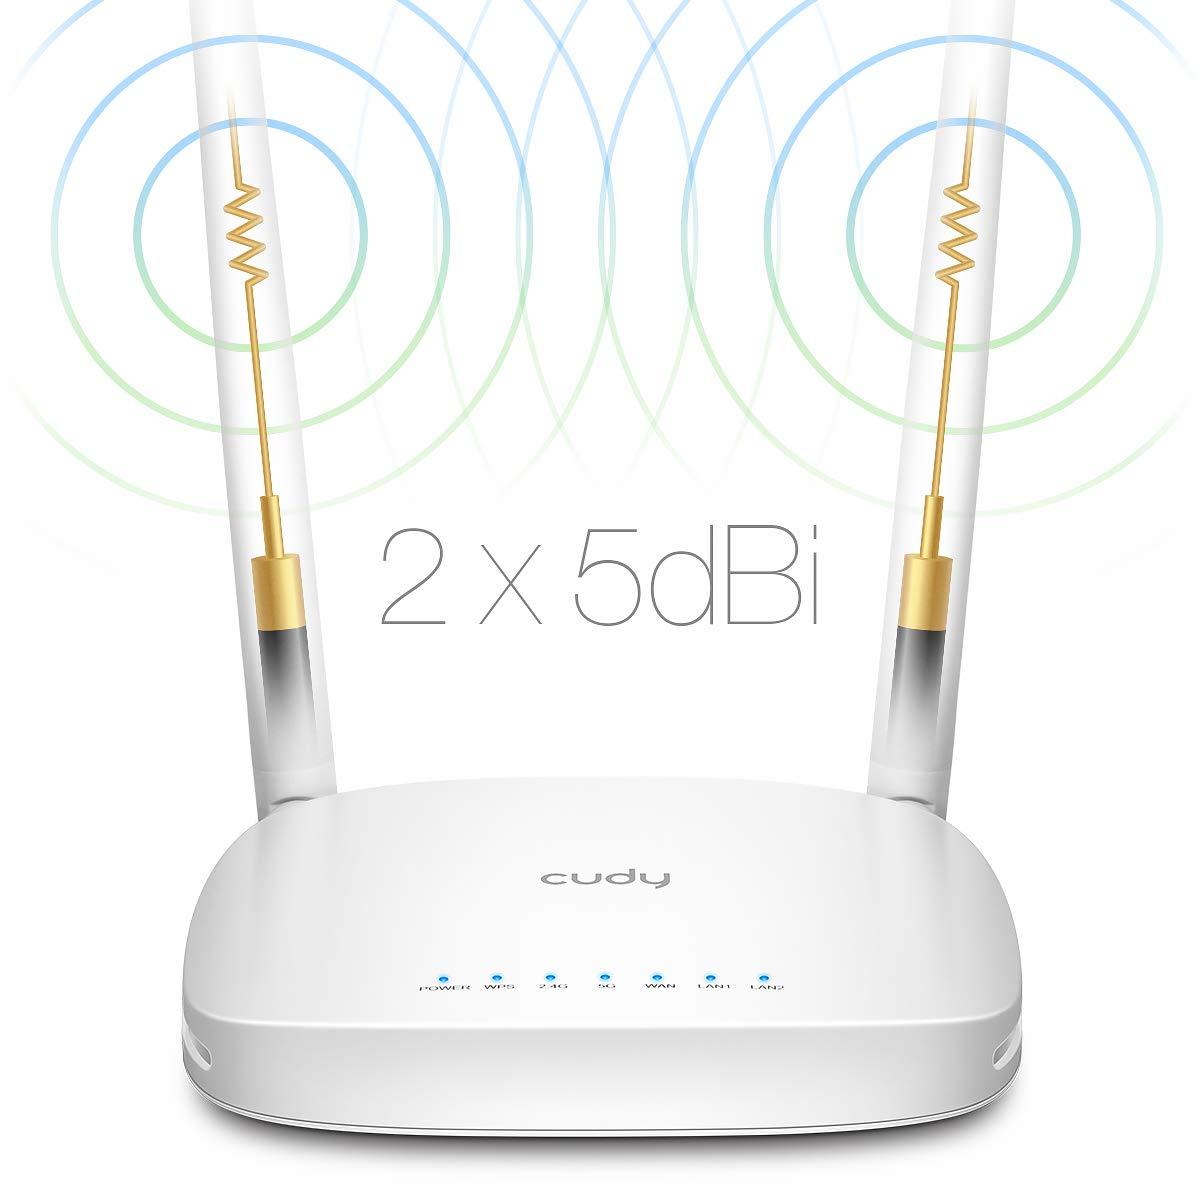 5 GHz Cudy WR1000 Double Bande WiFi AC + 867 Mbit//s R/ép/éteur Mode VPN Passthrough 2,4 GHz N Routeur pour Connexion /à Un Modem c/âbl/é//DSL//Fibre Optique 300 Mbit//s